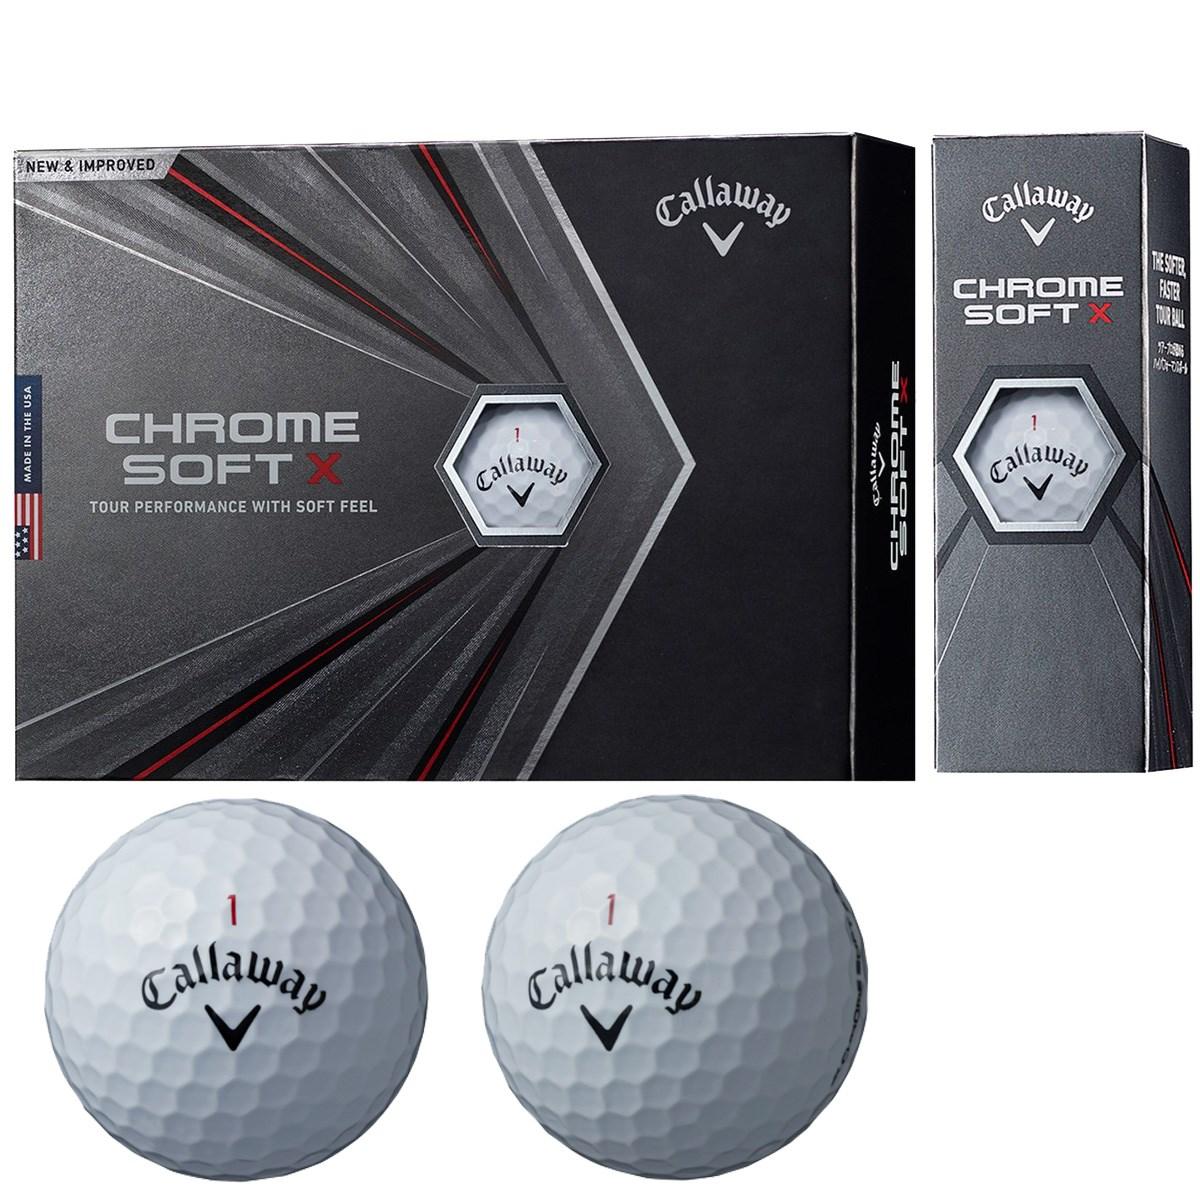 キャロウェイゴルフ CHROM SOFT CHROME SOFT X ボール 1ダース(12個入り) ホワイト